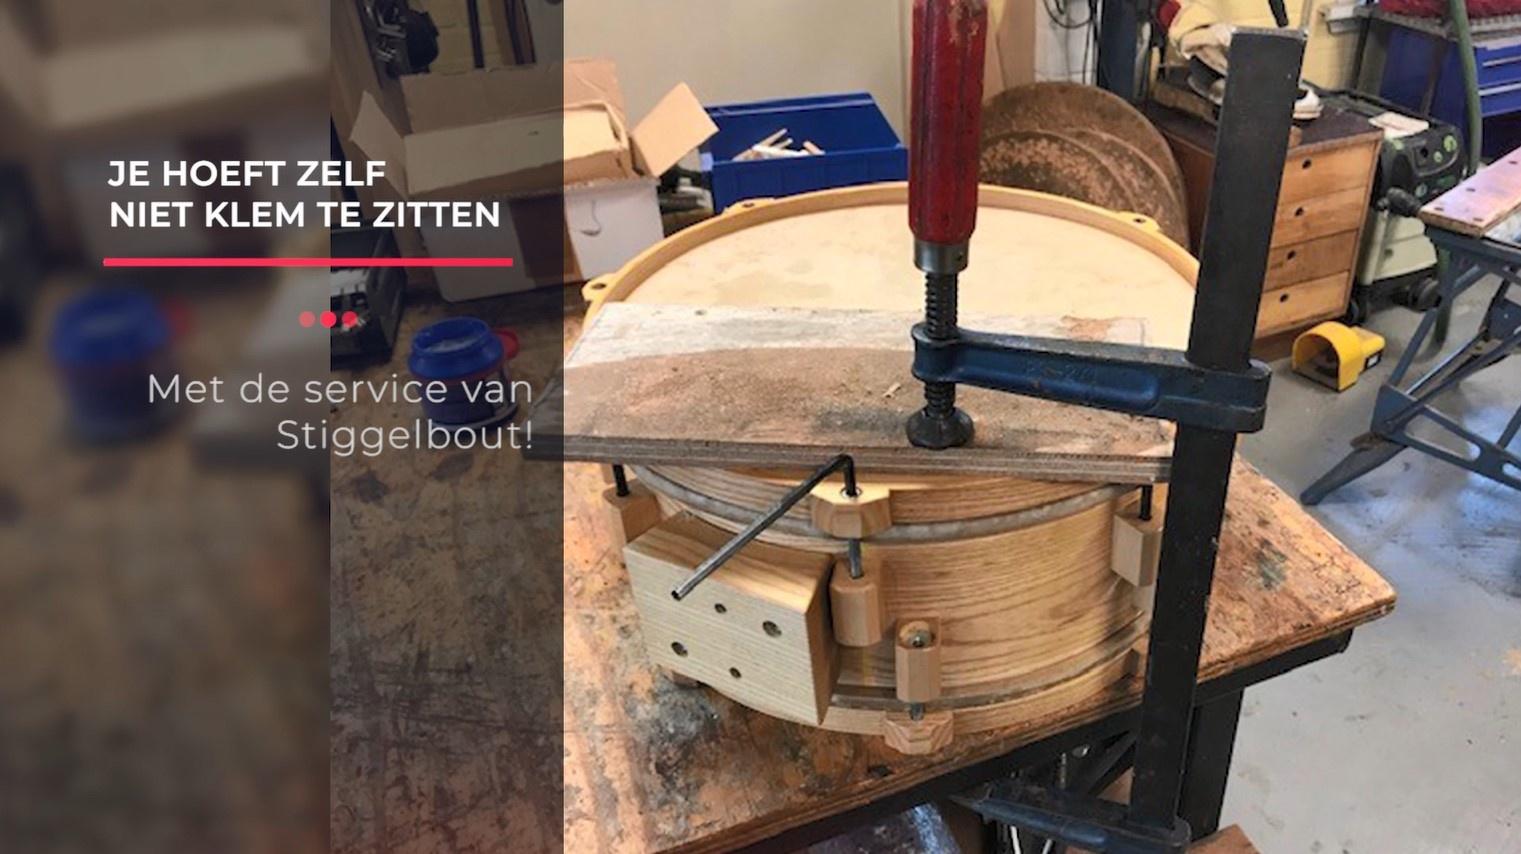 Wij geven jouw instrument graag een nieuw leven!